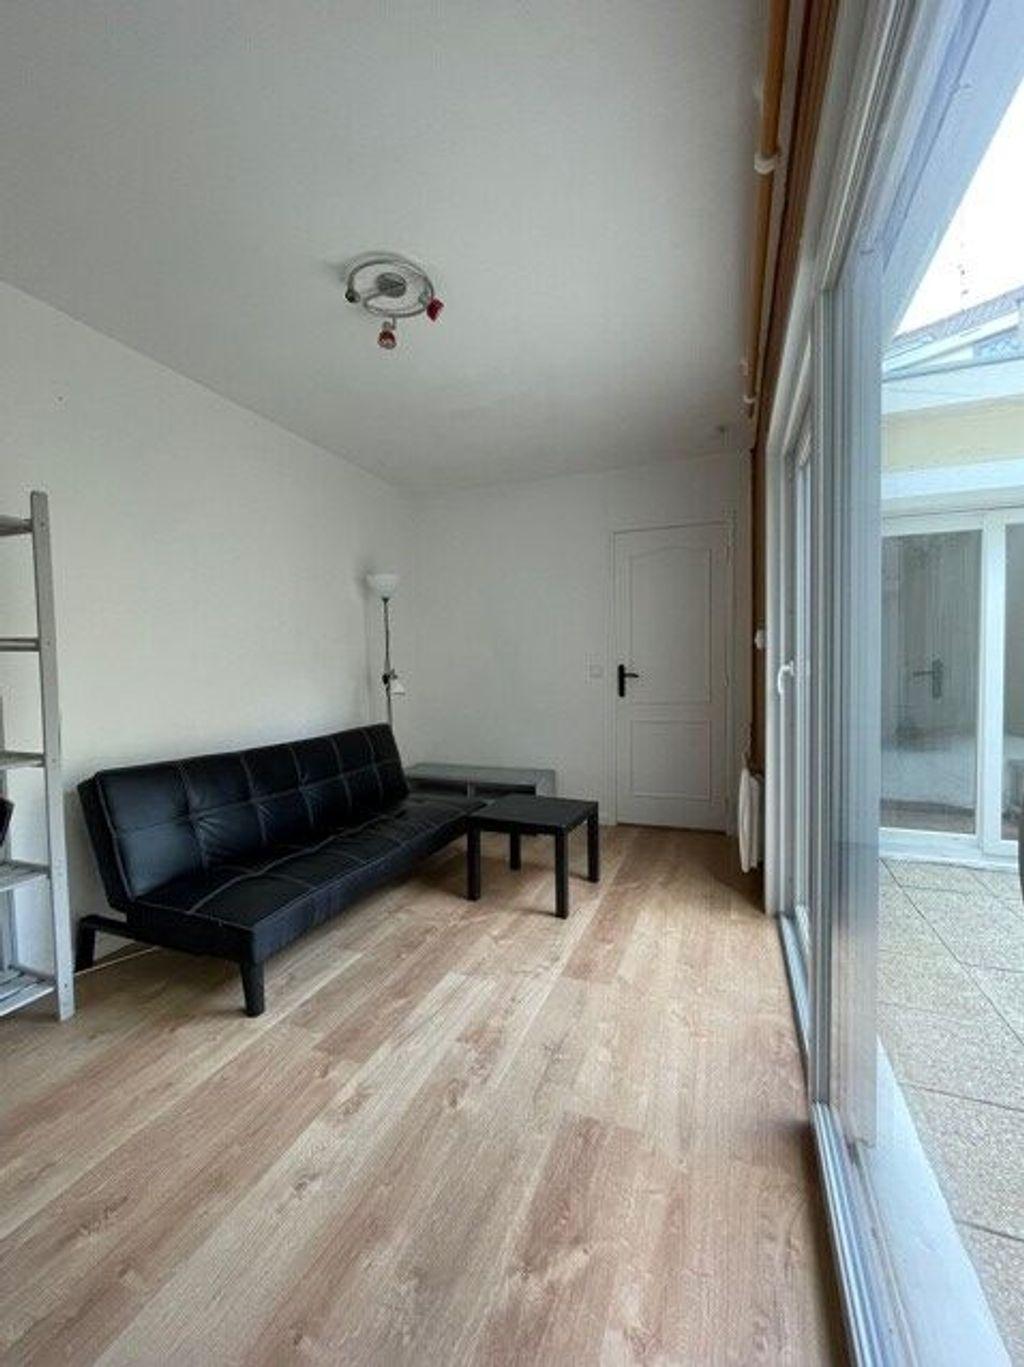 Achat appartement 2pièces 26m² - Lille